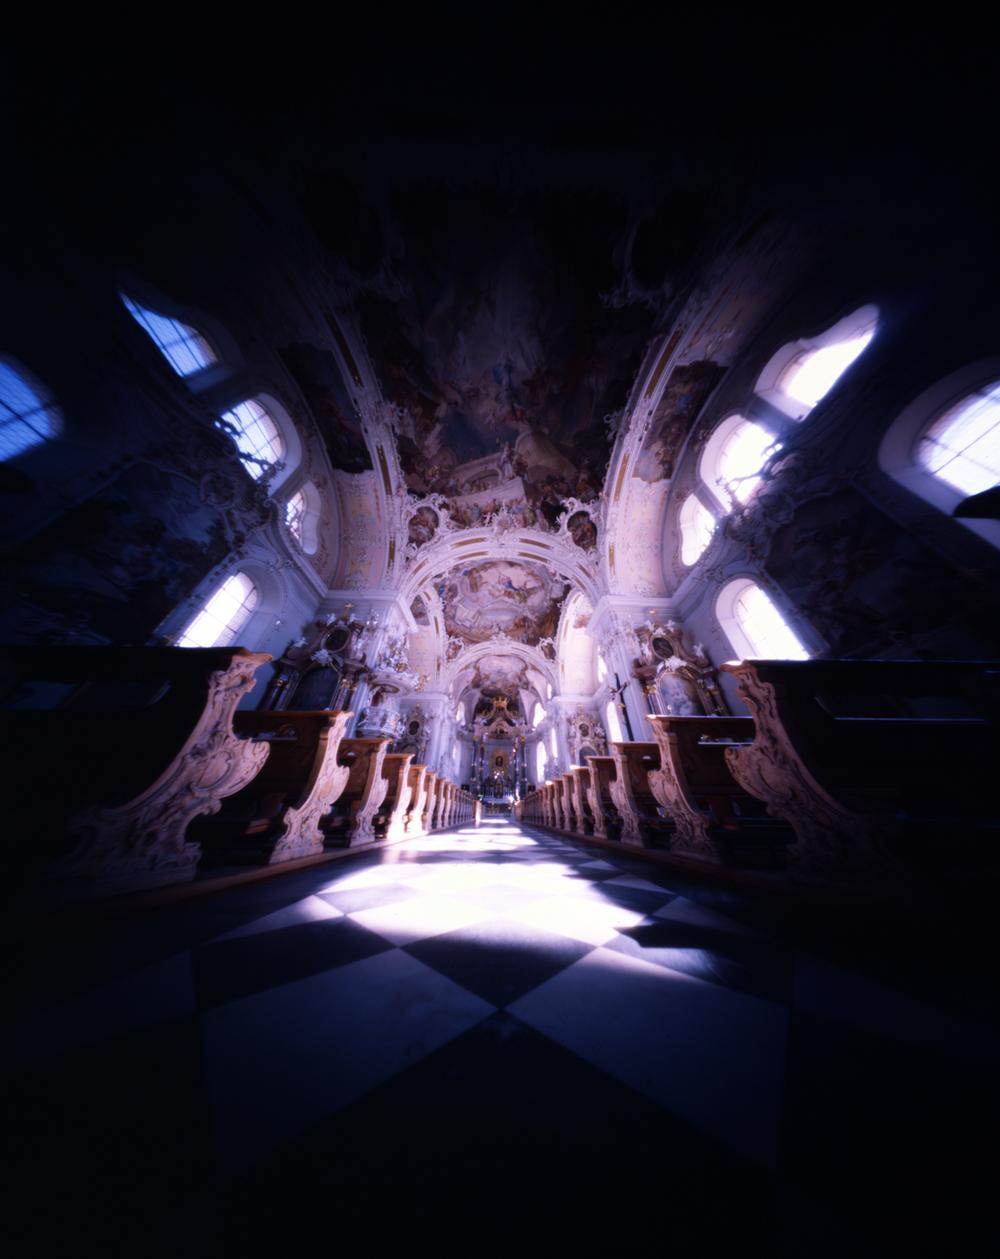 Basilika Wilten - Innsbruck, Austria - Kodak Ektachrome 100 ASA in a Zero Image 45 Pinhole camera